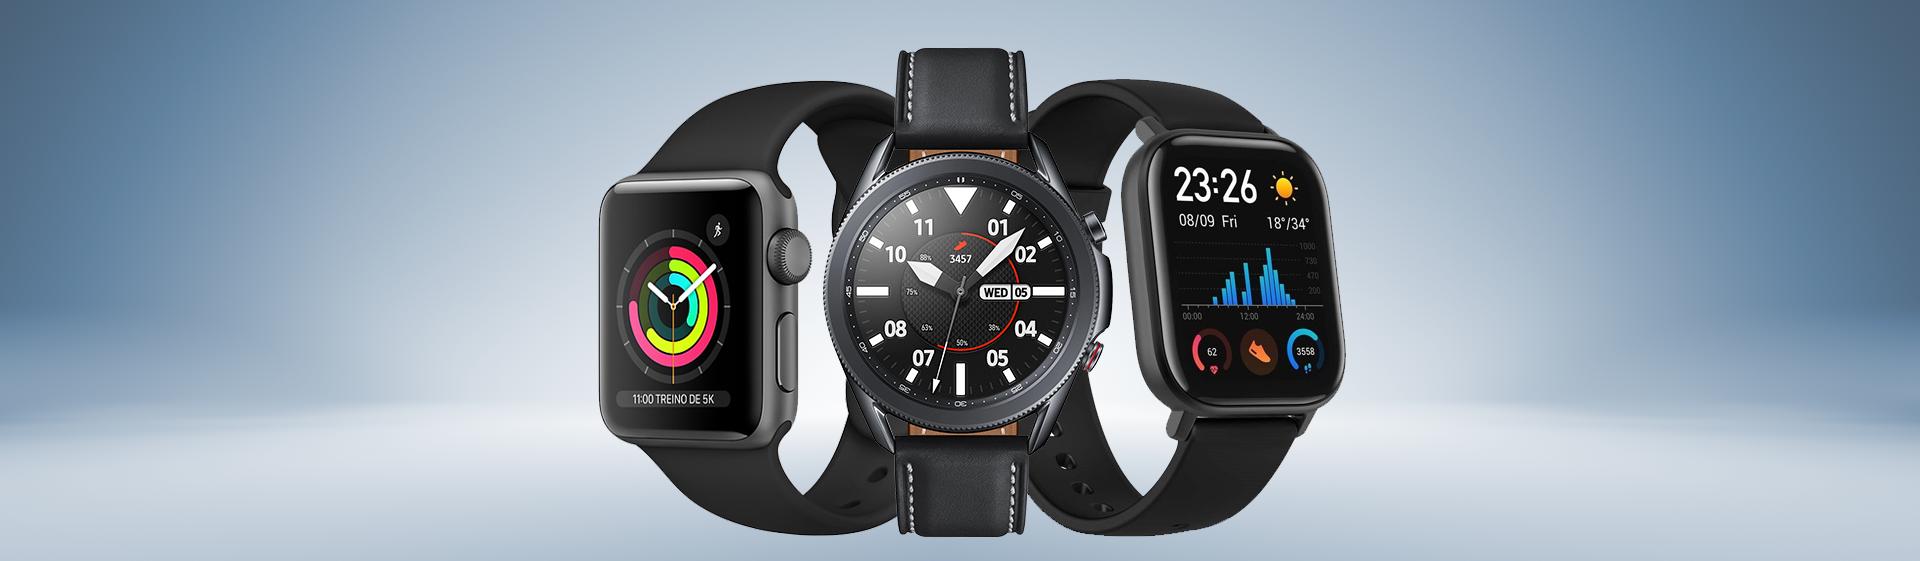 Veja os smartwatches mais vendidos do Zoom